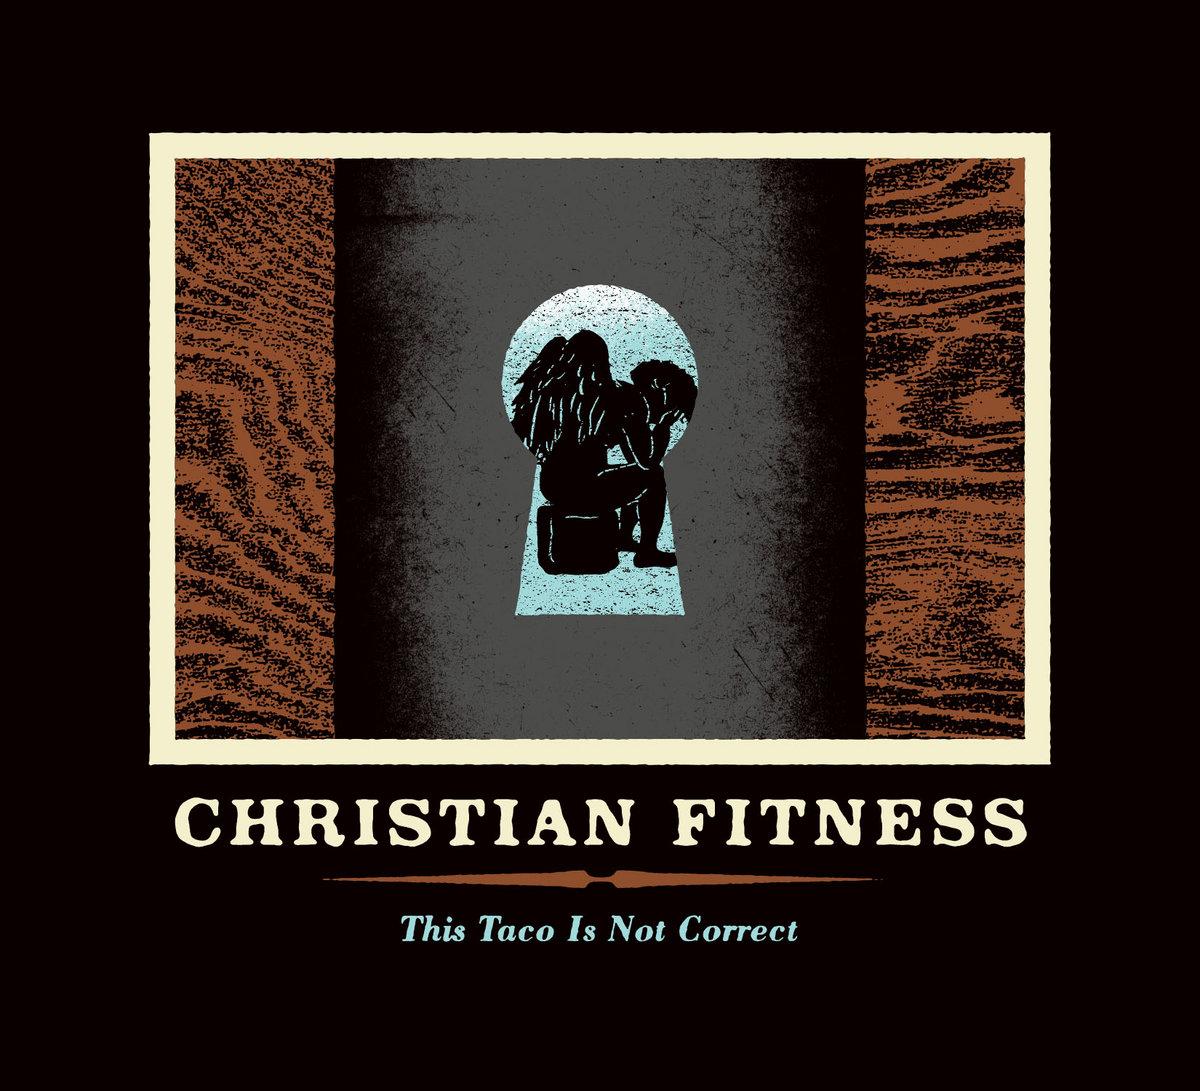 christian fitness dating hvilken berømthed vil du tilslutte sig quiz